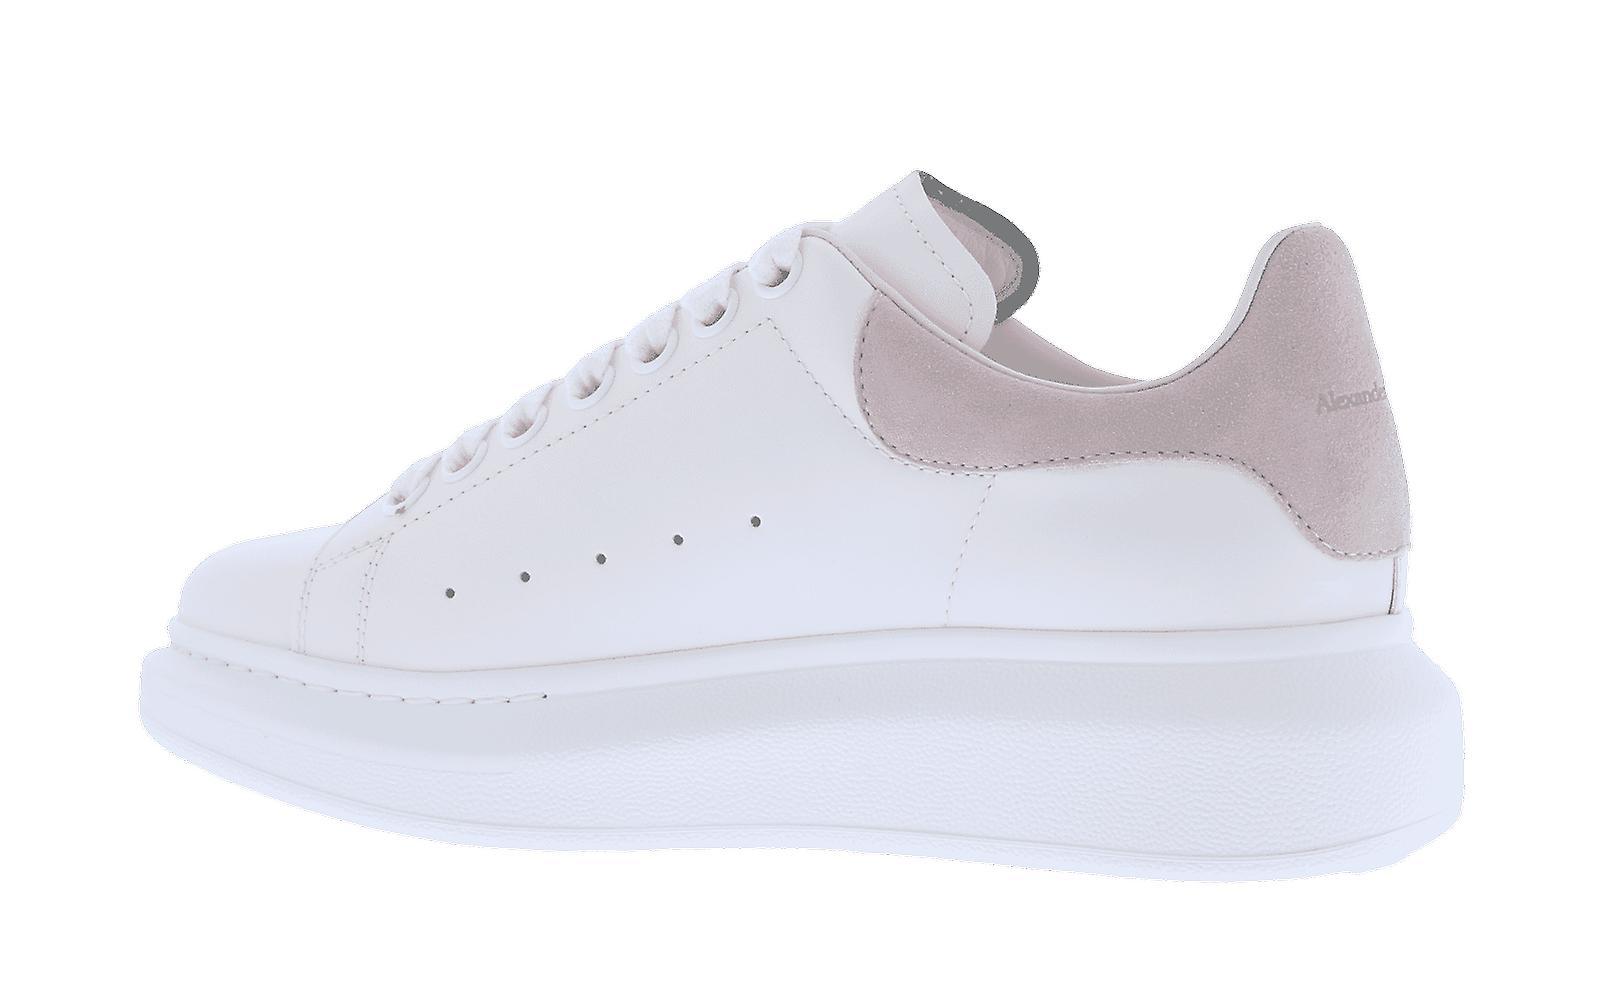 Alexander McQueen Sneaker Pelle S.Gomm Larr Hvit 553770WHGP79182 sko